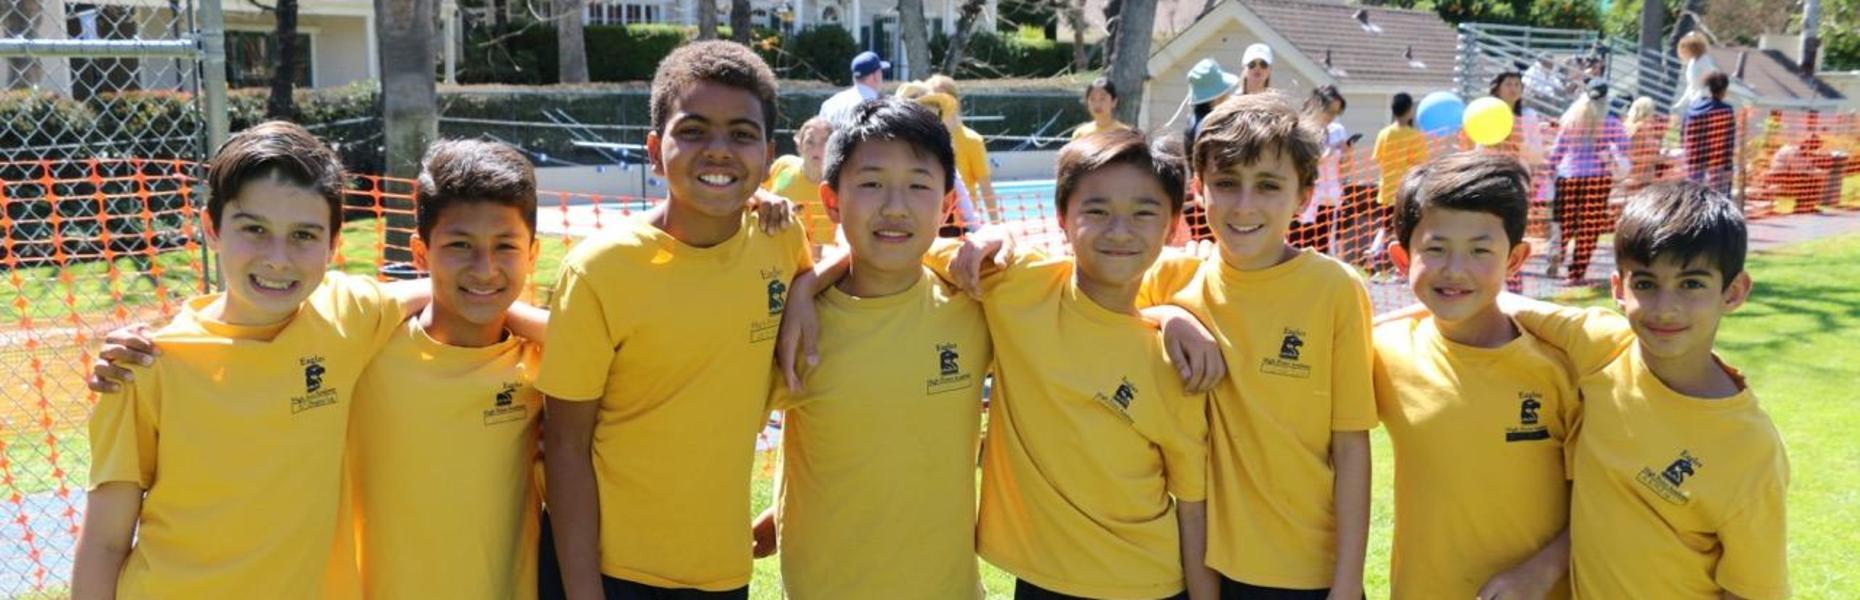 High Point Academy Boys track team.